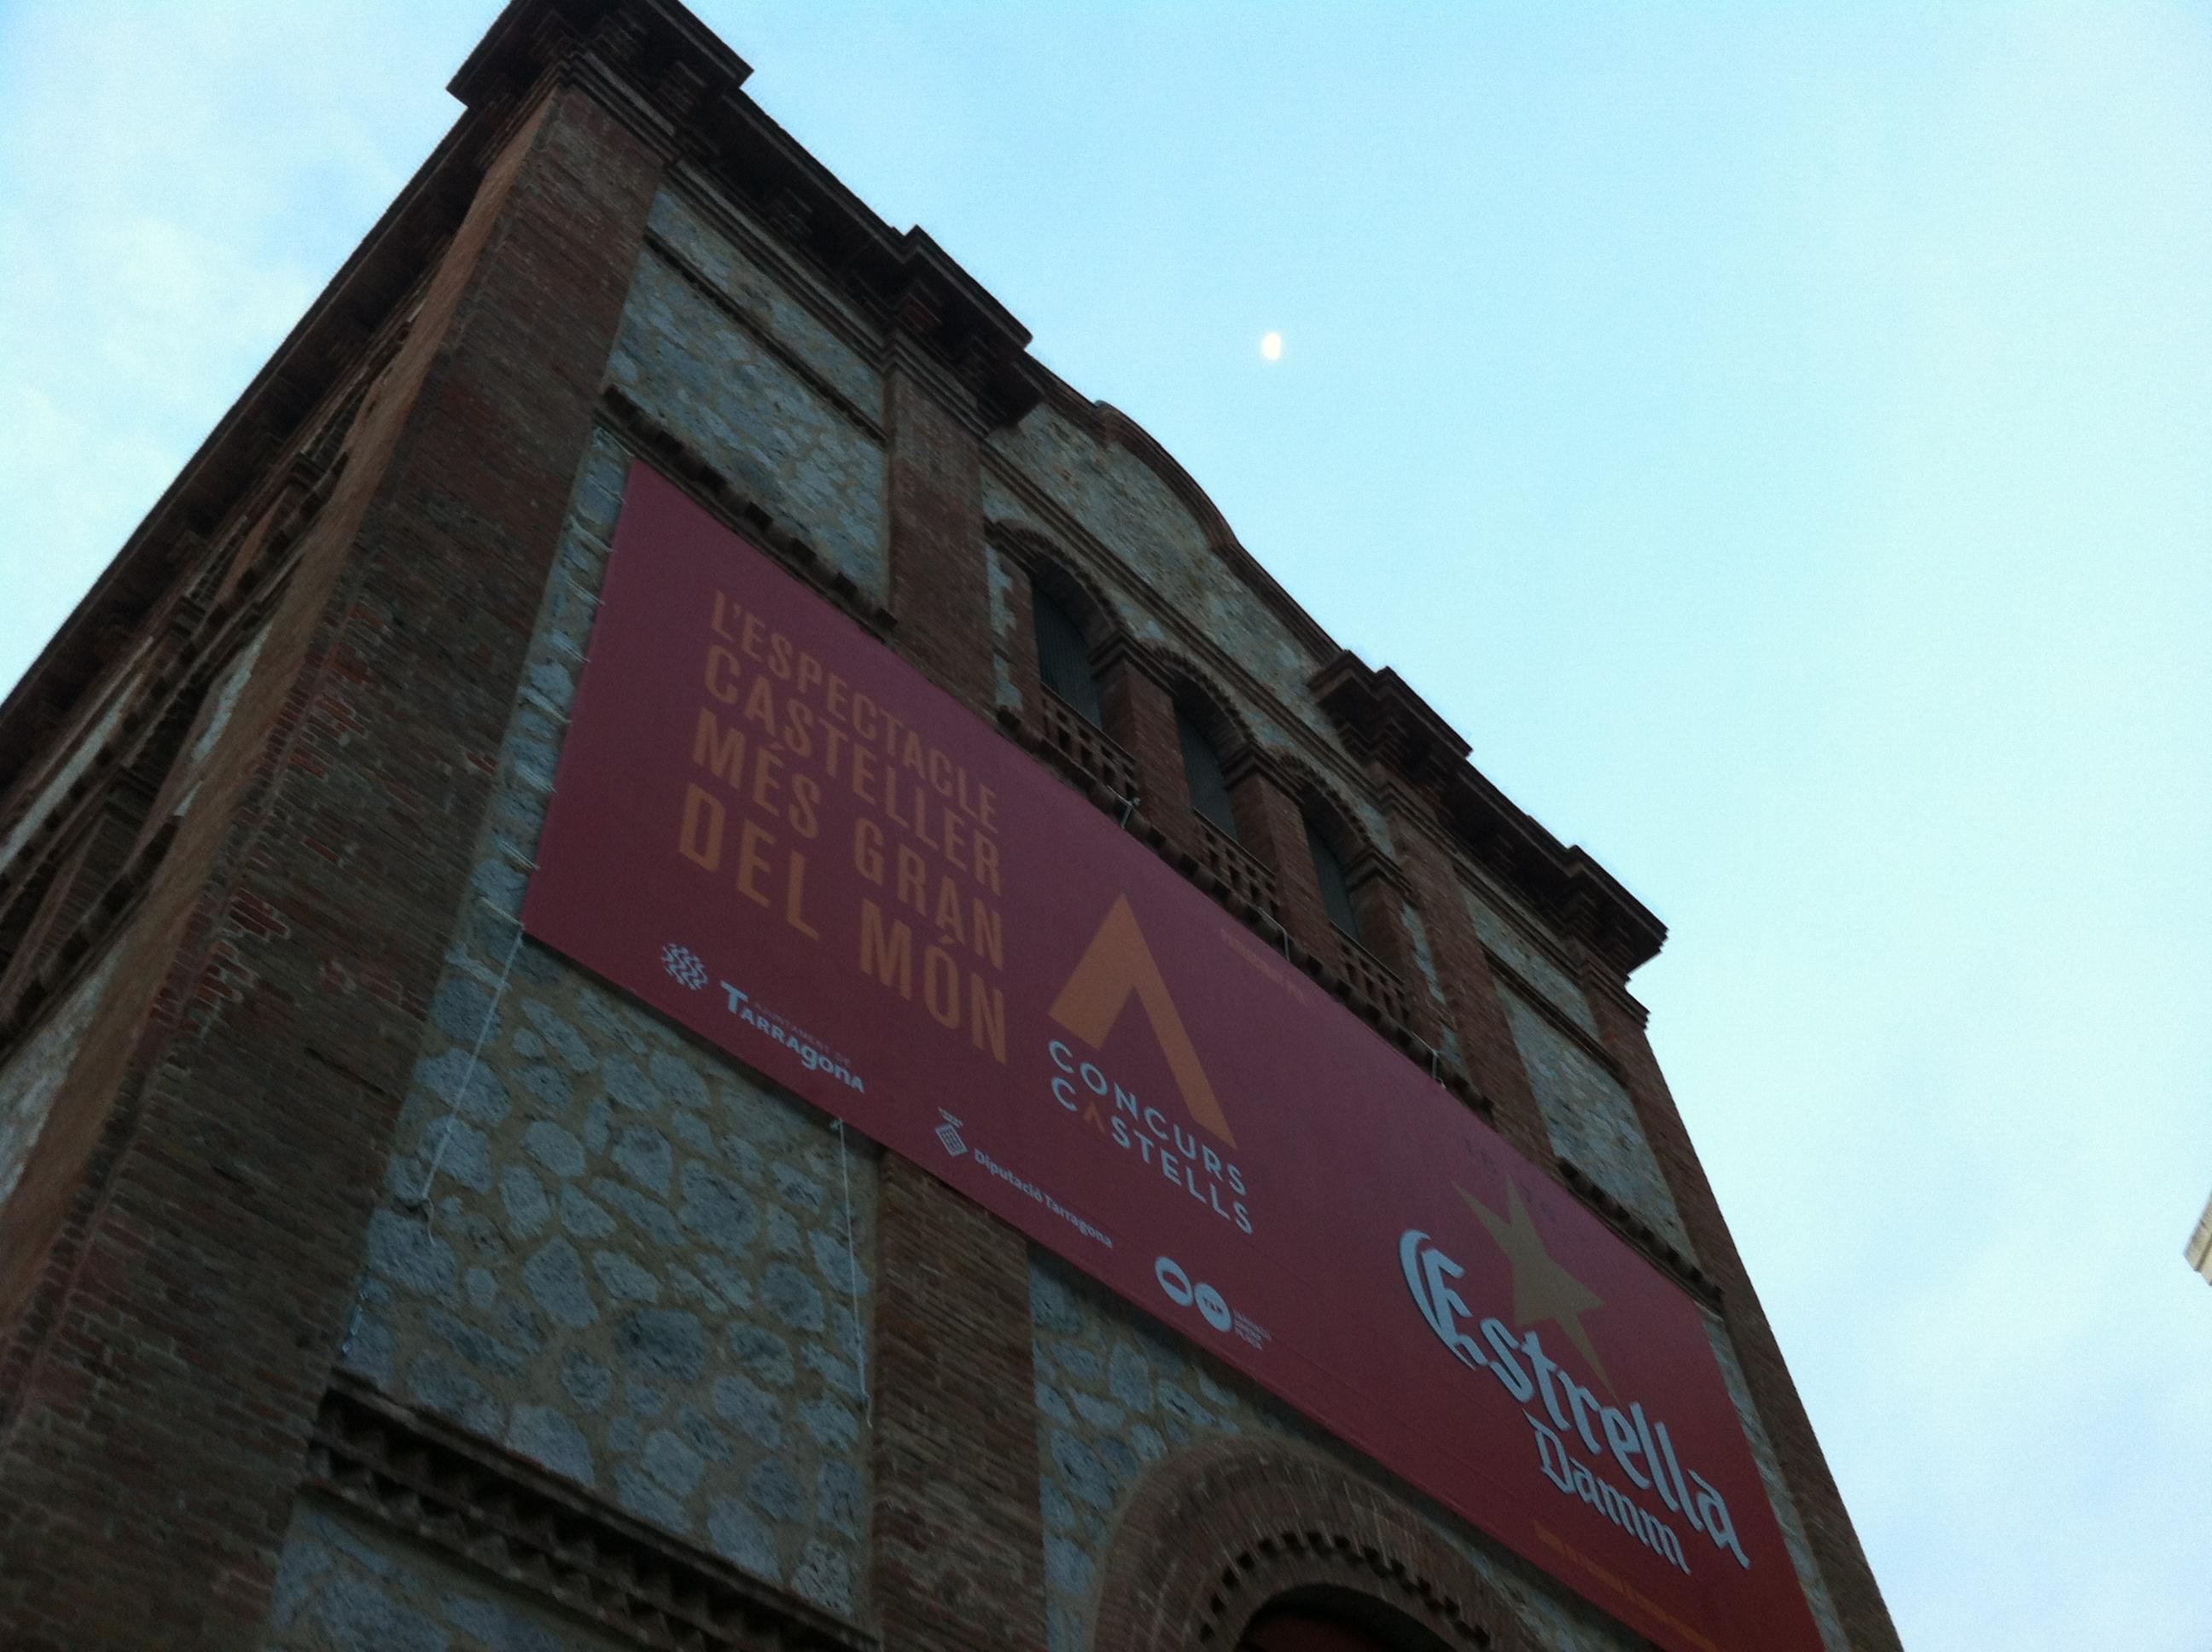 Imatge de l'entrada a la Tarraco Arena Plaça l'any passat (foto: J. Ardila)